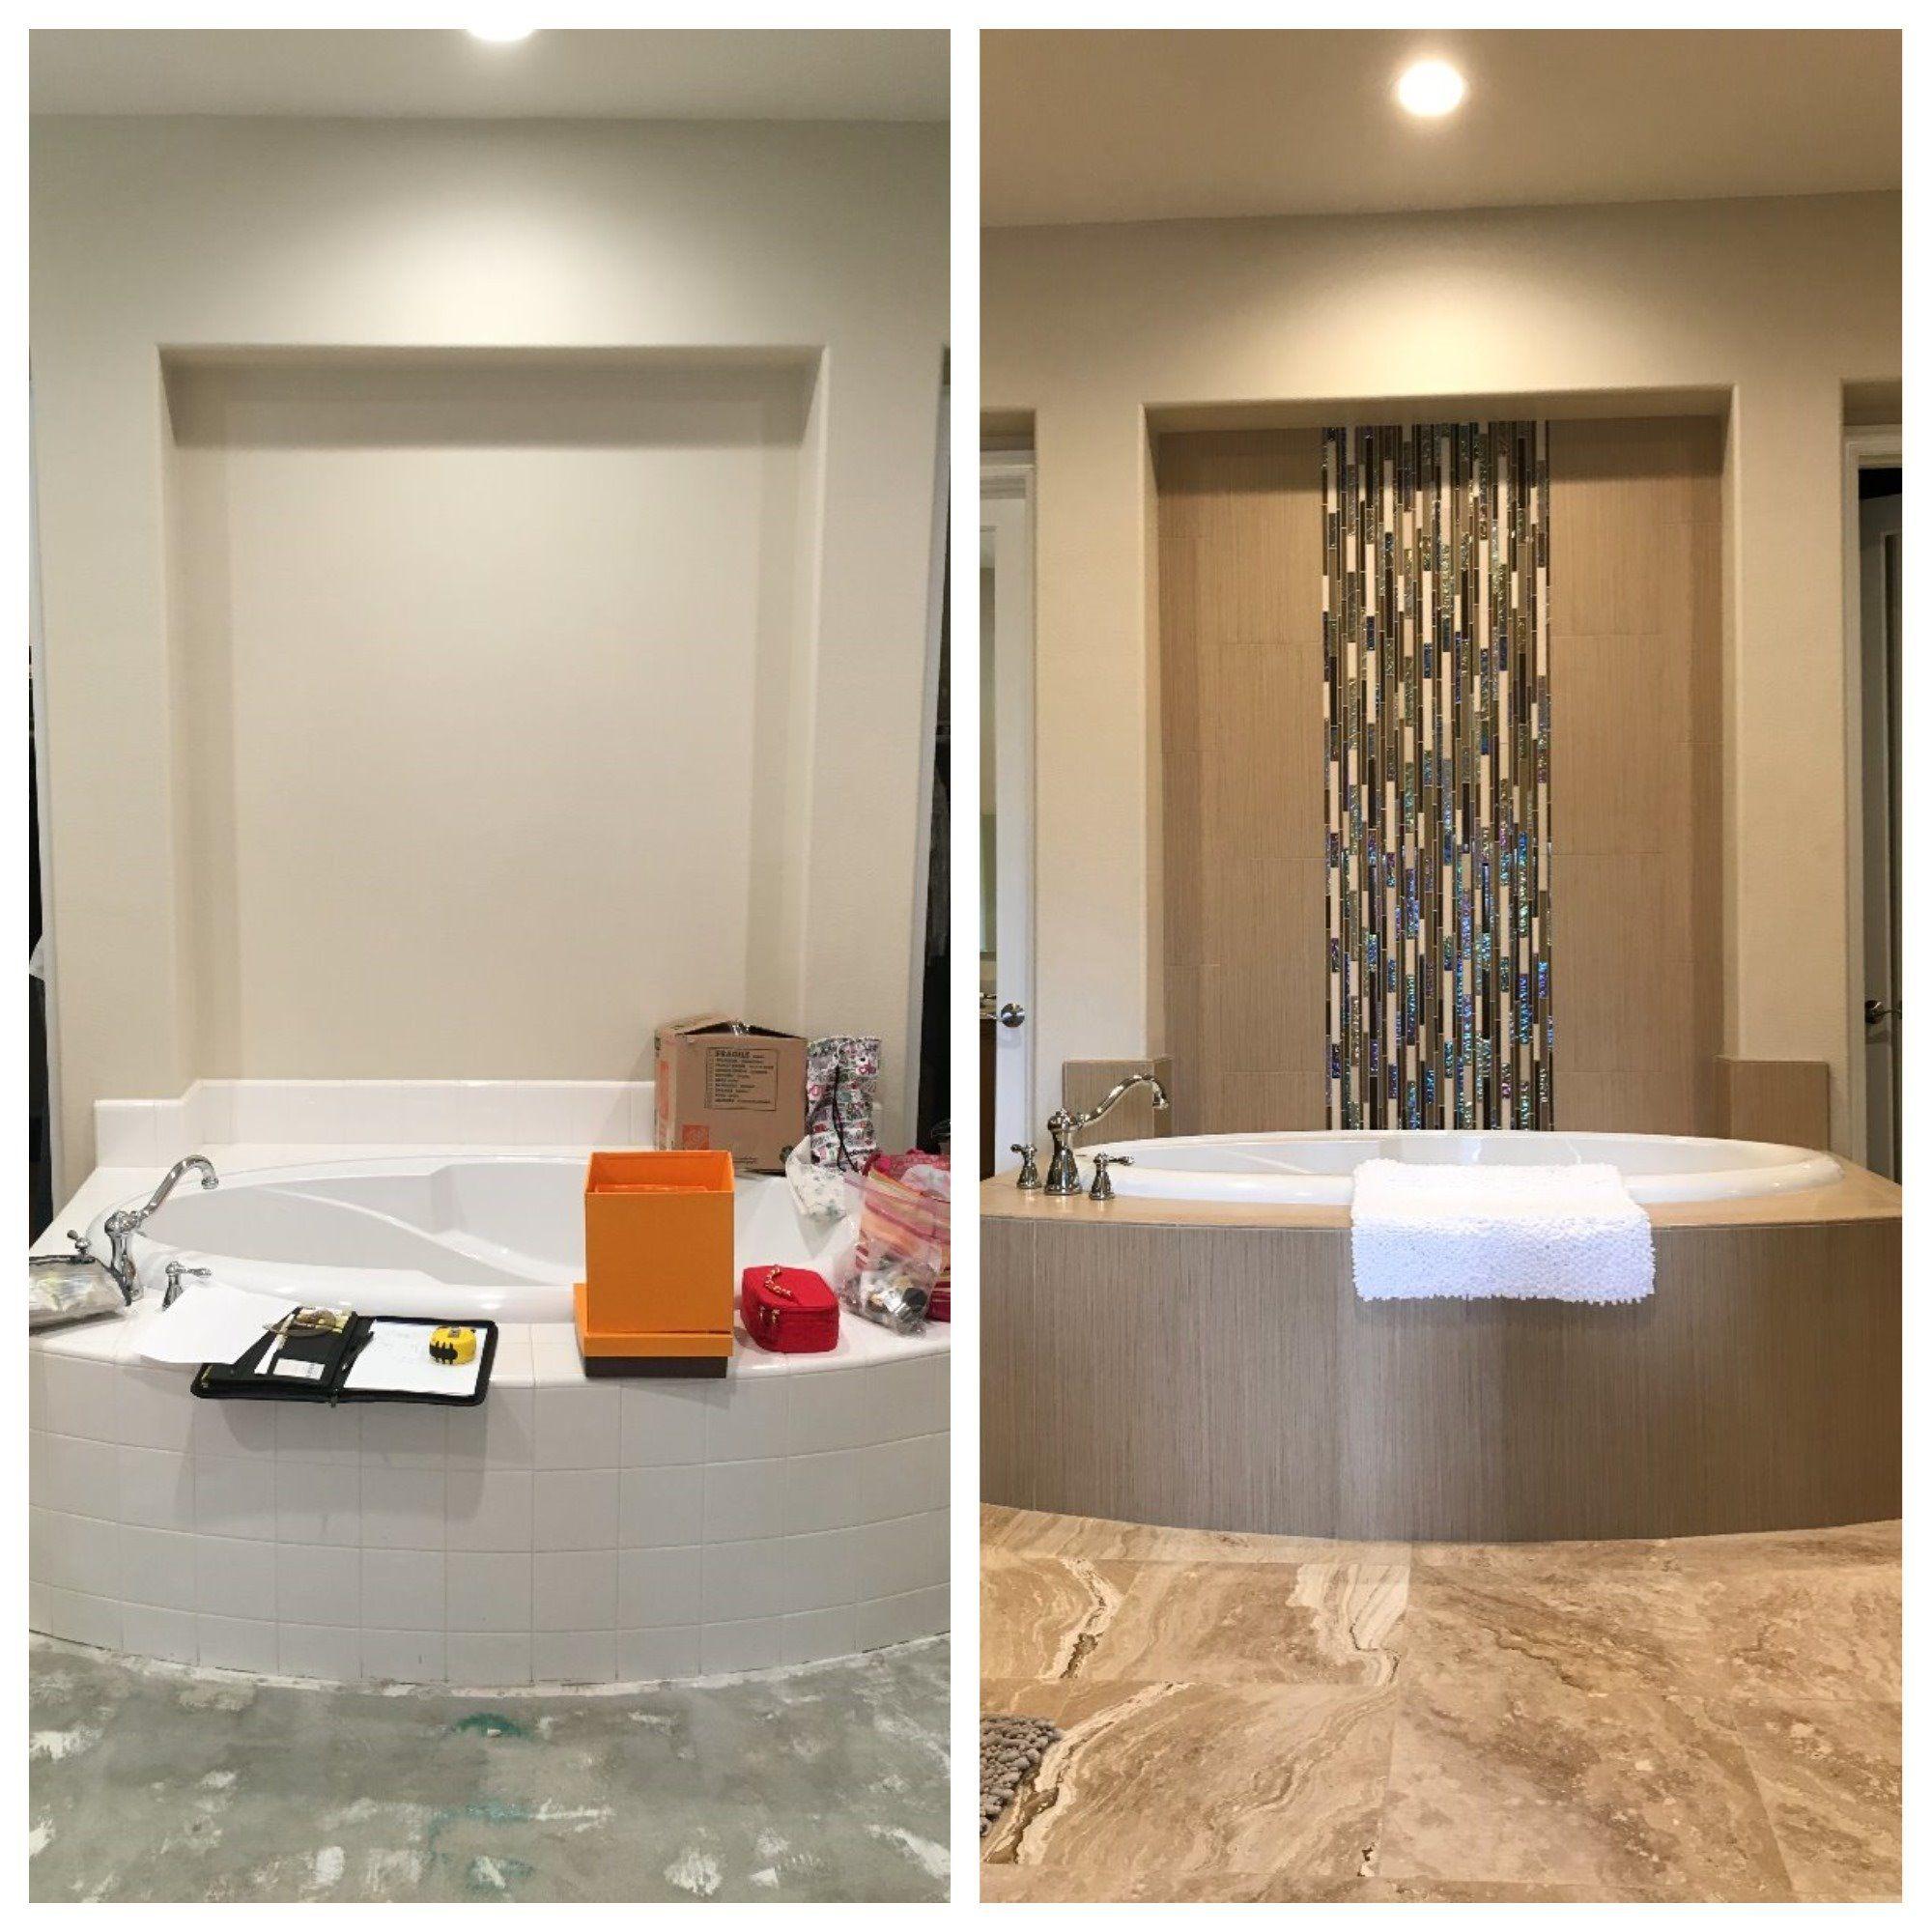 Contemporary Master Bathroom Remodel In Corona CA Before After - Bathroom remodel corona ca